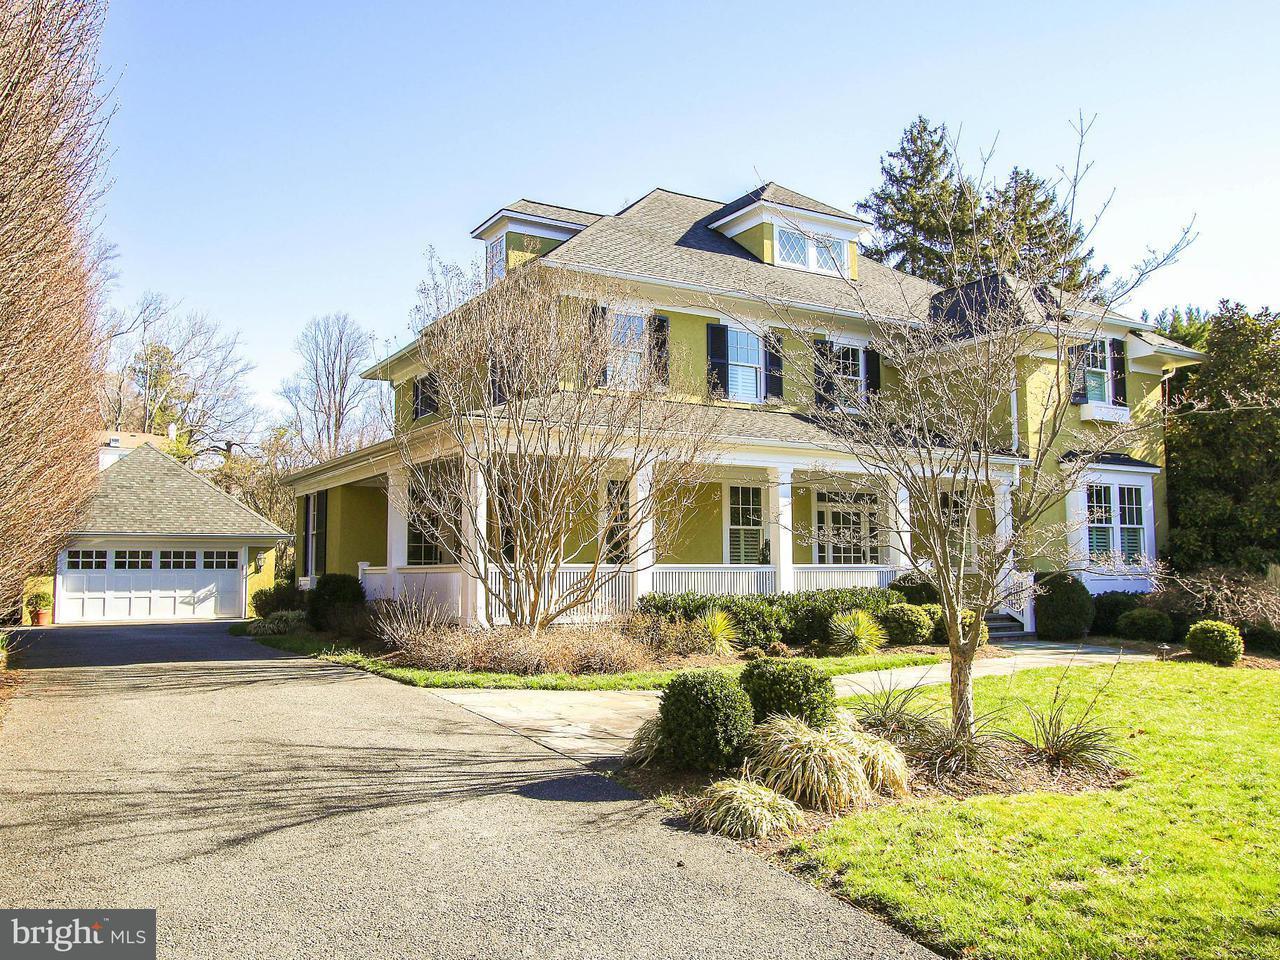 Частный односемейный дом для того Продажа на 4009 EVERETT Street 4009 EVERETT Street Kensington, Мэриленд 20895 Соединенные Штаты